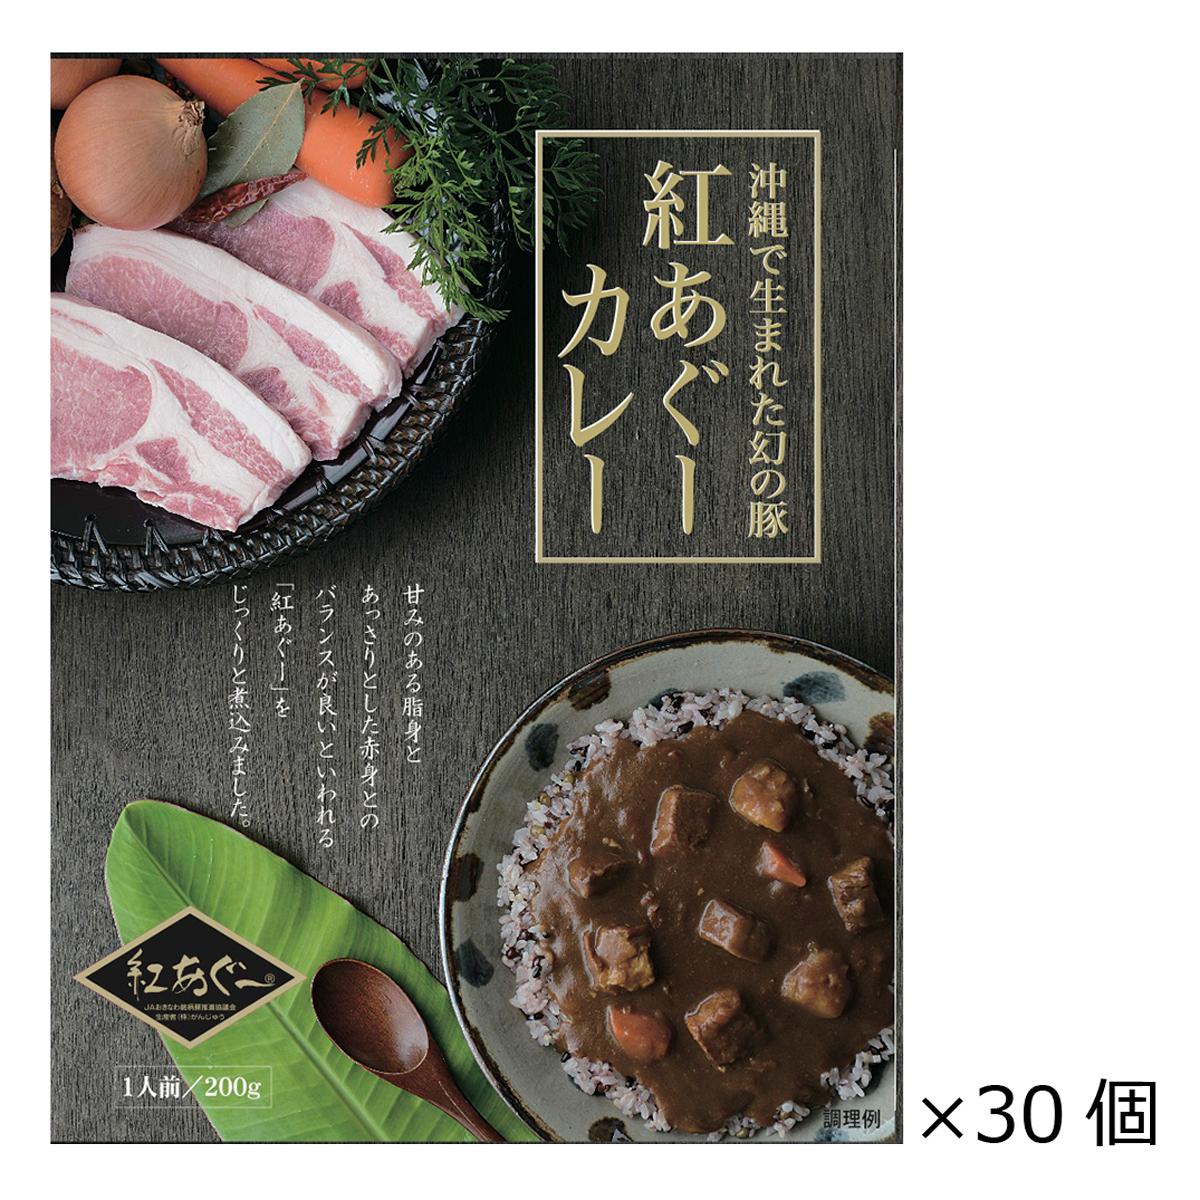 紅あぐーカレー 30個 200g ポークカレー 沖縄名物 ご当地カレー レトルトカレー あぐー豚カレー まとめ買い